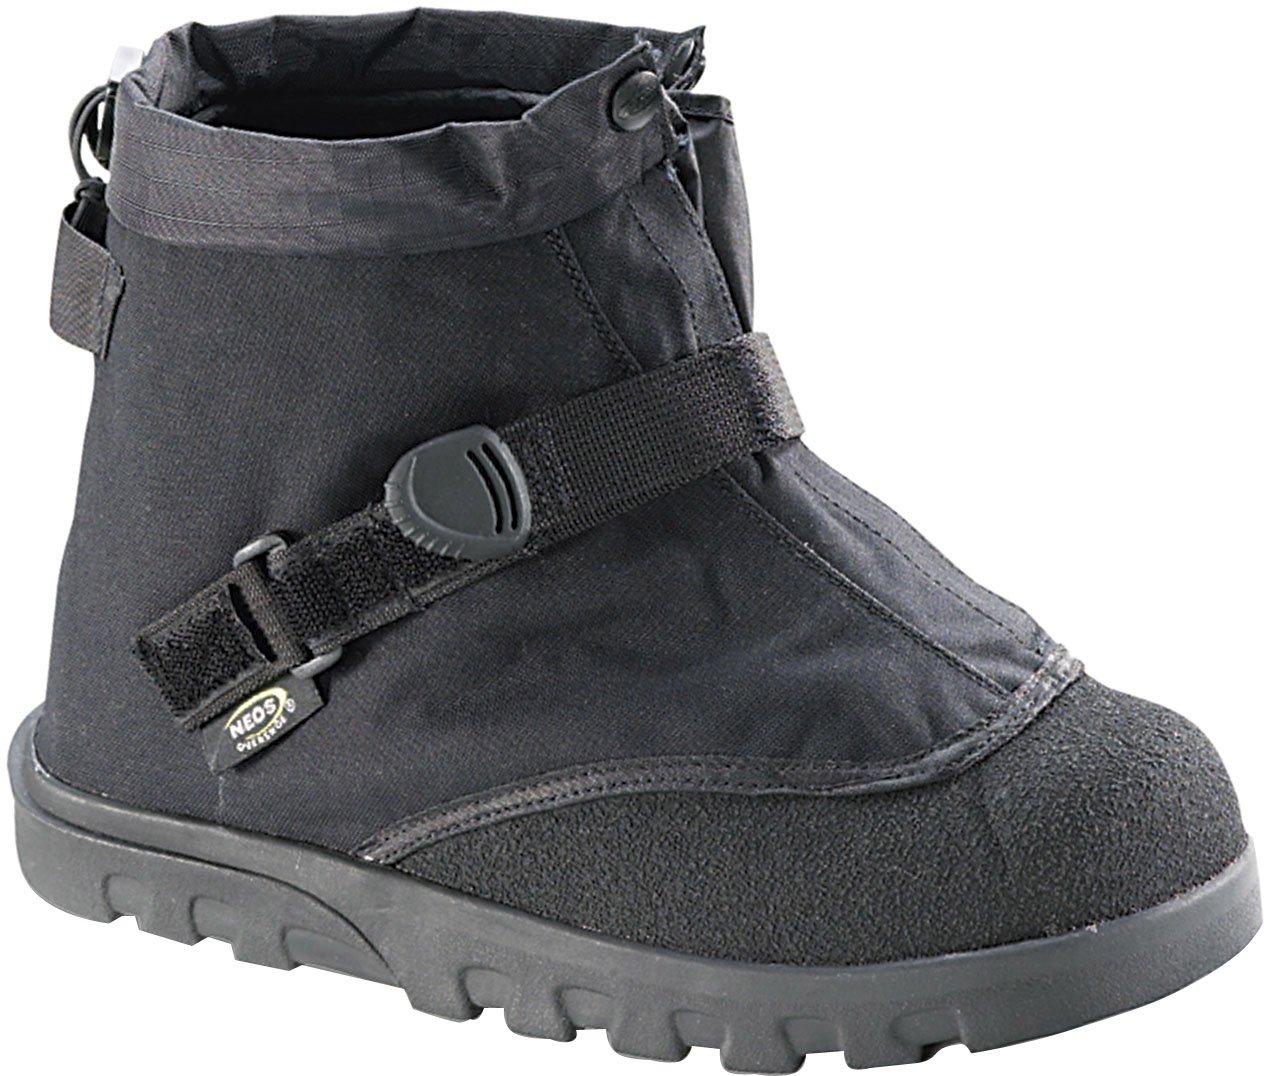 NEOS 9'' Uptowner Nylon Waterproof Winter Overshoes (UNX1)